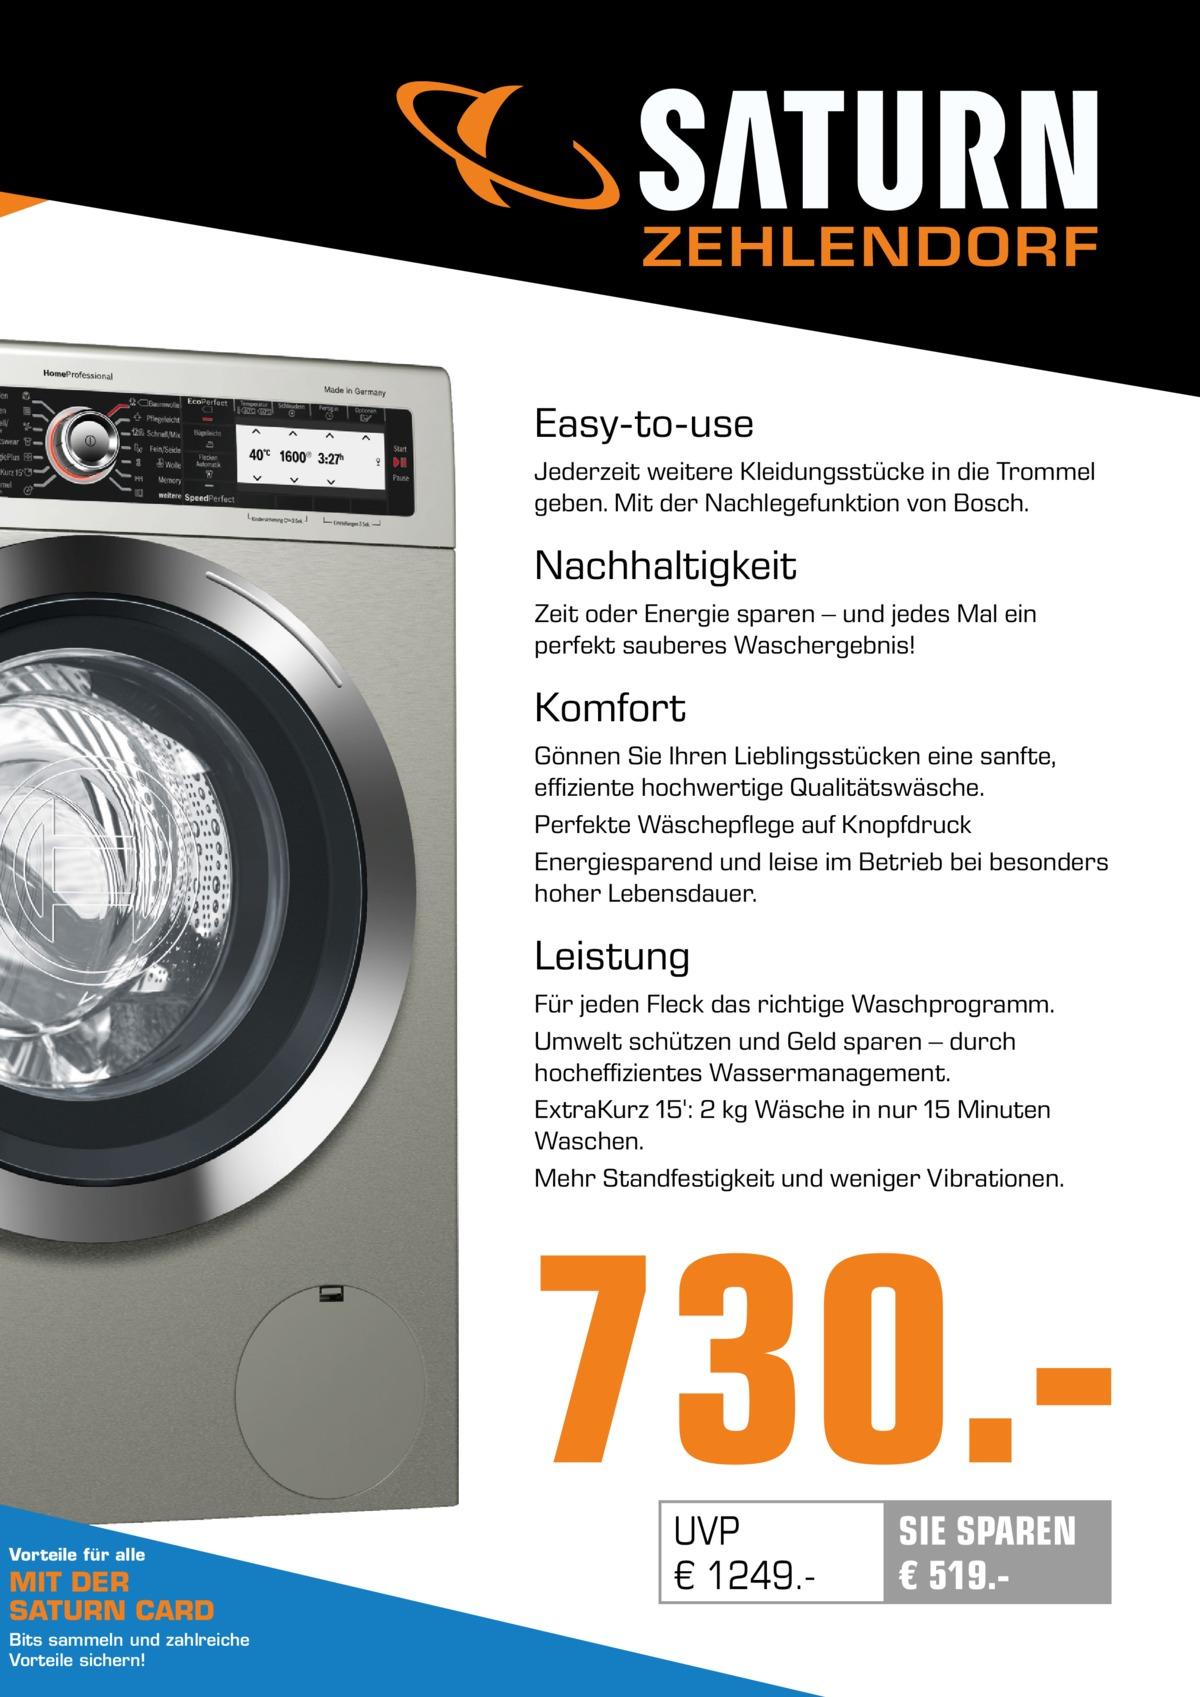 ZEHLENDORF Easy-to-use Jederzeit weitere Kleidungsstücke in die Trommel geben. Mit der Nachlegefunktion von Bosch.  Nachhaltigkeit Zeit oder Energie sparen – und jedes Mal ein perfekt sauberes Waschergebnis!  Komfort Gönnen Sie Ihren Lieblingsstücken eine sanfte, effiziente hochwertige Qualitätswäsche. Perfekte Wäschepflege auf Knopfdruck Energiesparend und leise im Betrieb bei besonders hoher Lebensdauer.  Leistung Für jeden Fleck das richtige Waschprogramm. Umwelt schützen und Geld sparen – durch hocheffizientes Wassermanagement. ExtraKurz 15': 2kg Wäsche in nur 15Minuten Waschen. Mehr Standfestigkeit und weniger Vibrationen.  730.Vorteile für alle  MIT DER SATURN CARD Bits sammeln und zahlreiche Vorteile sichern!  UVP € 1249. SIE SPAREN € 519